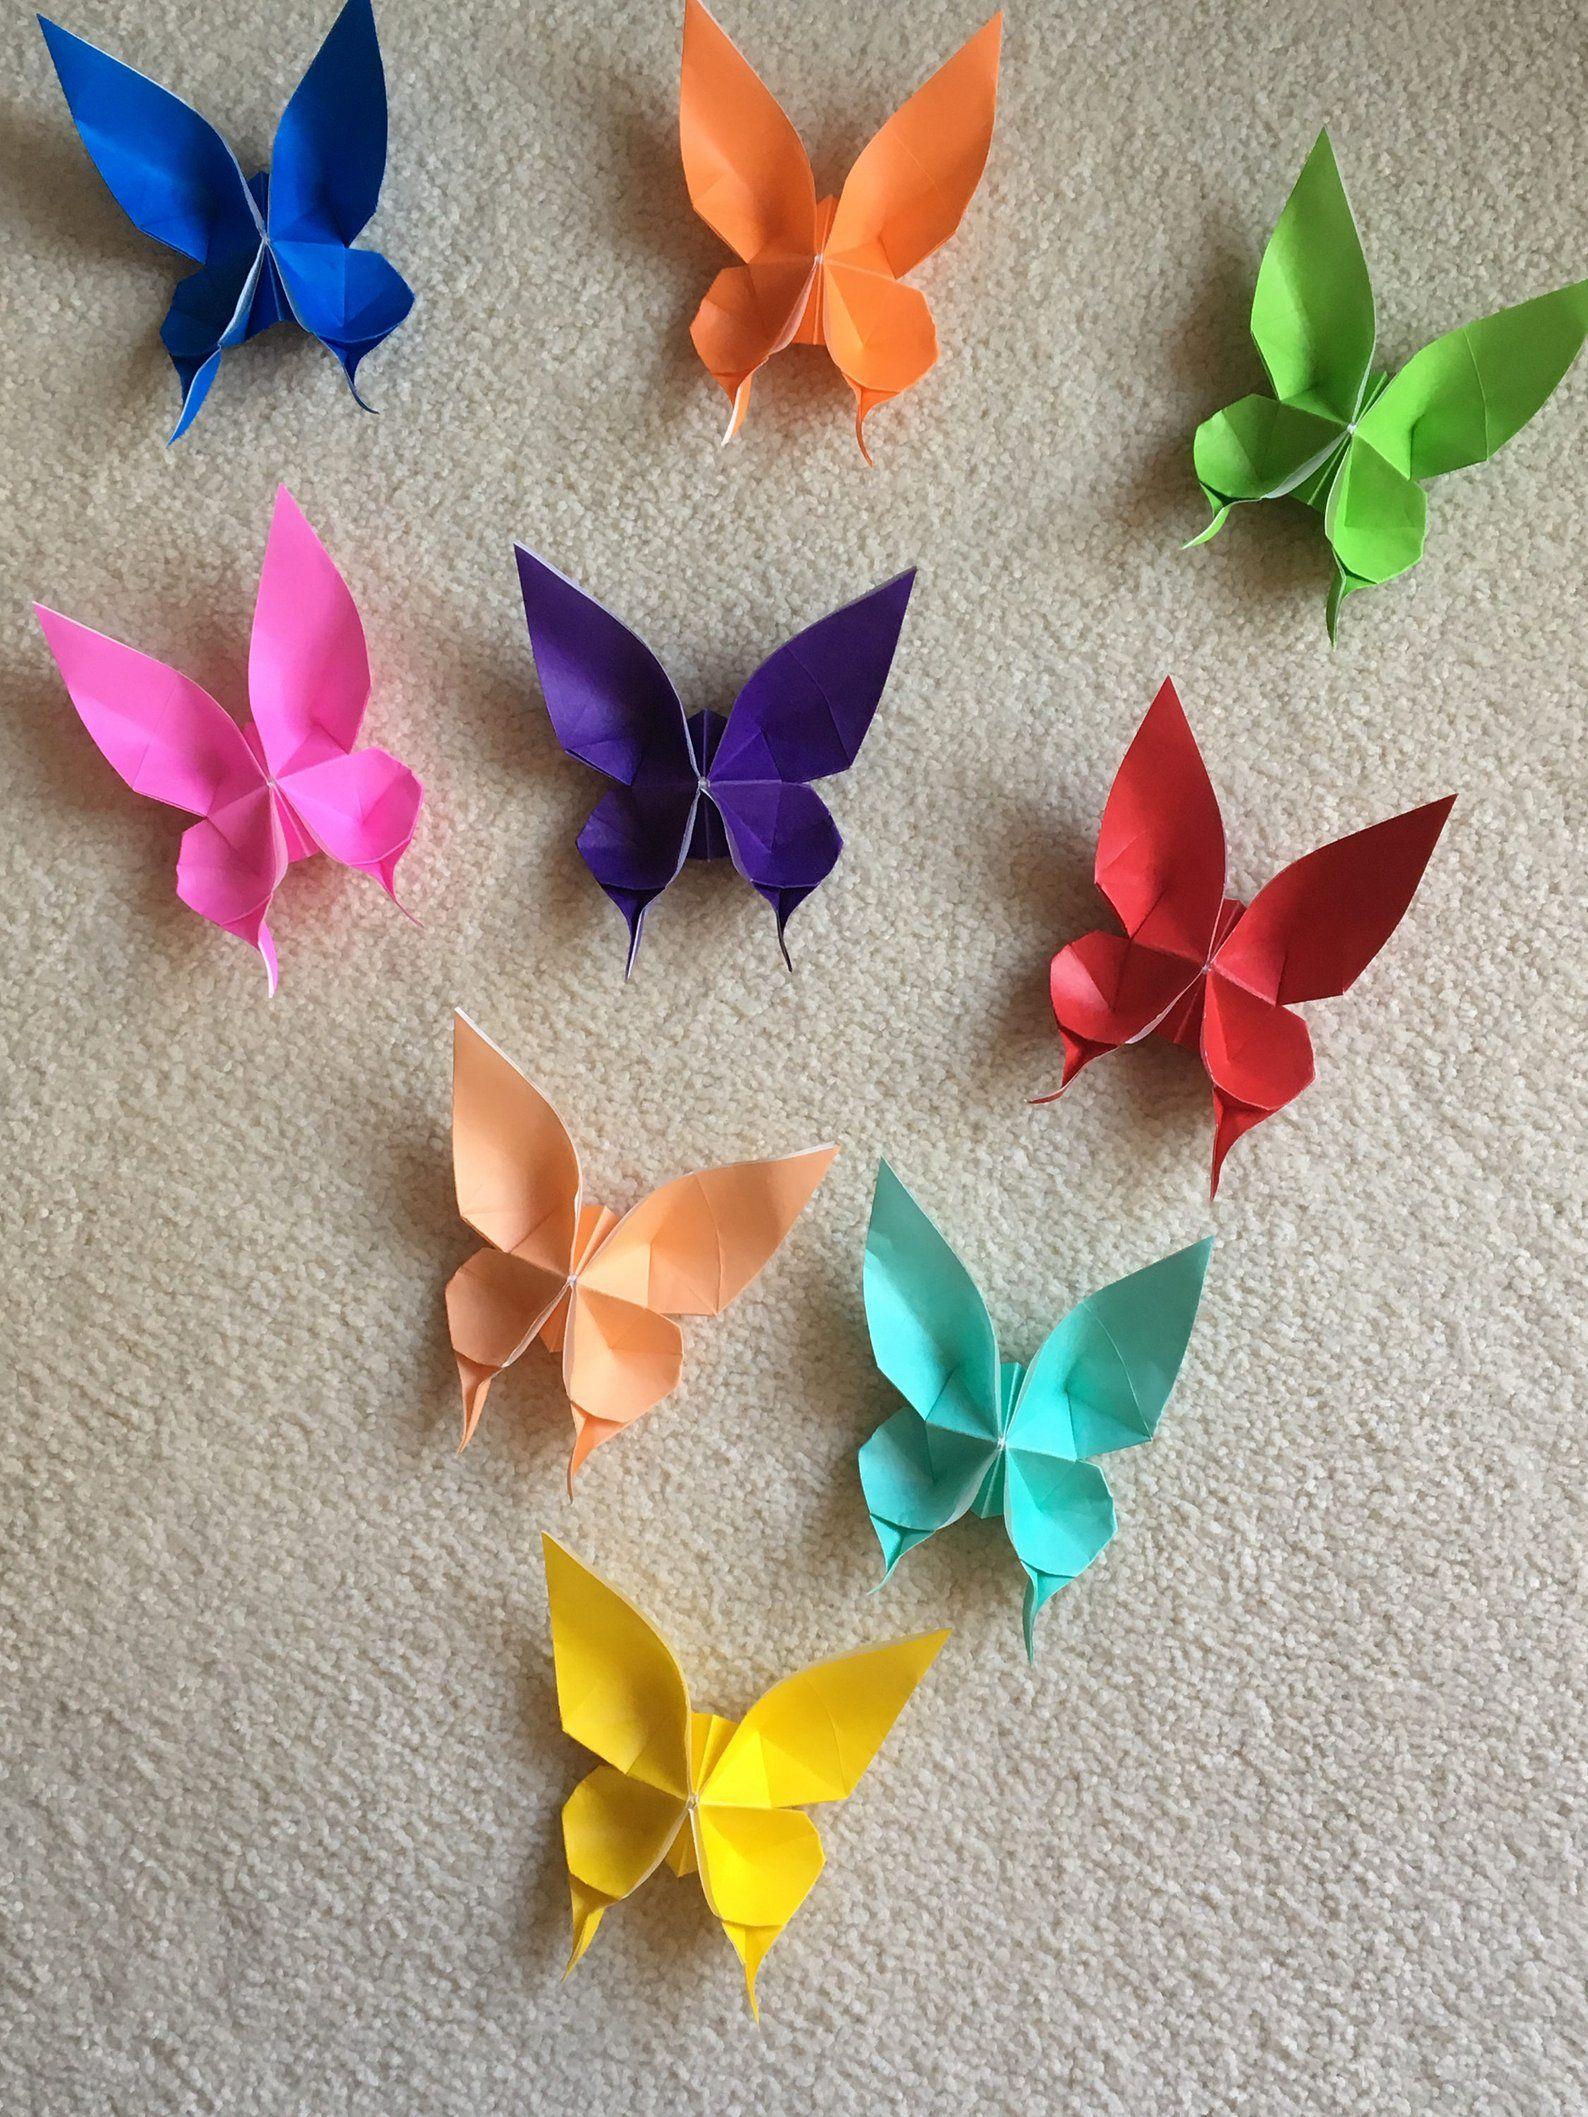 100 Origami Butterflies #dinnerideas2019